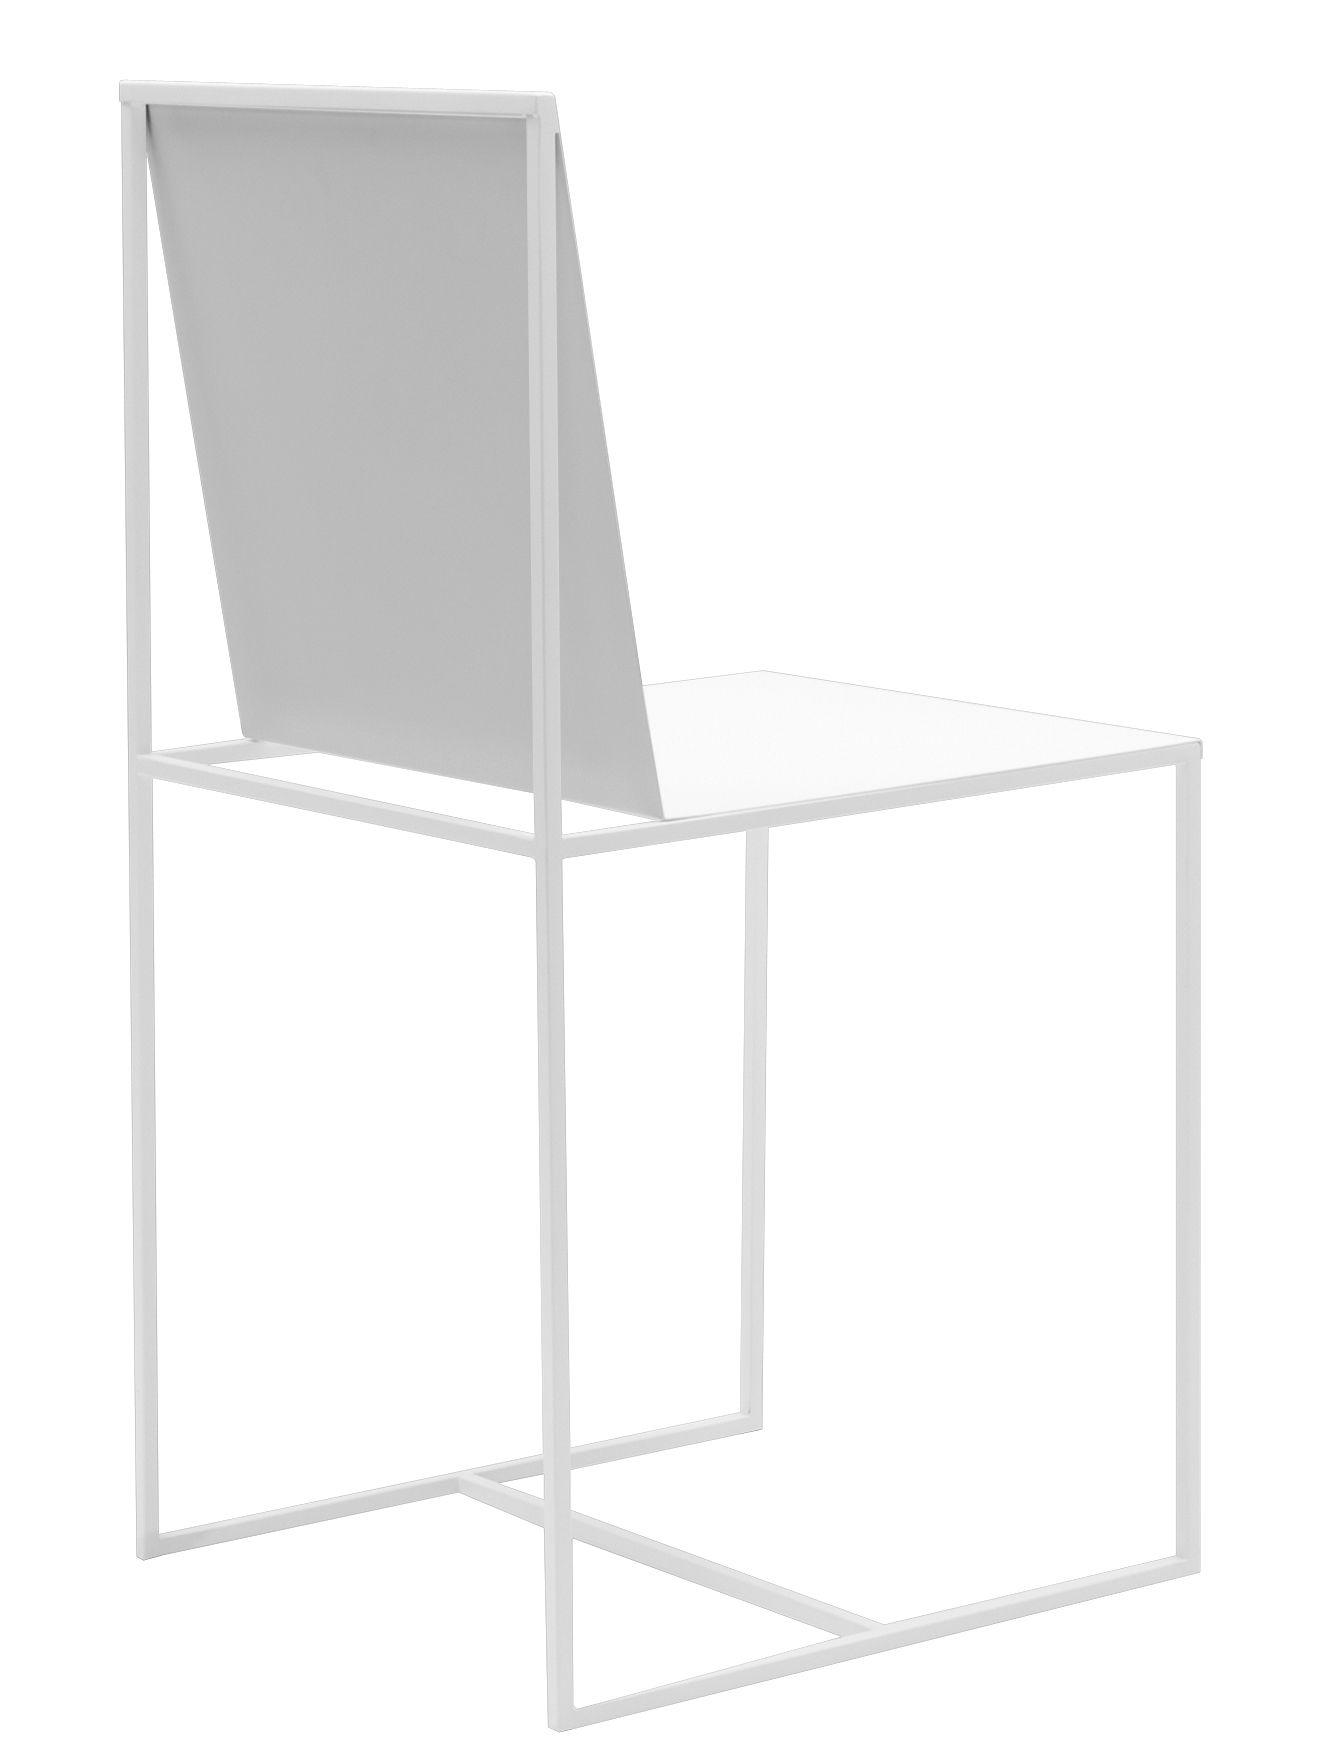 Mobilier - Chaises, fauteuils de salle à manger - Chaise Slim Sissi / Métal - Zeus - Blanc - Acier